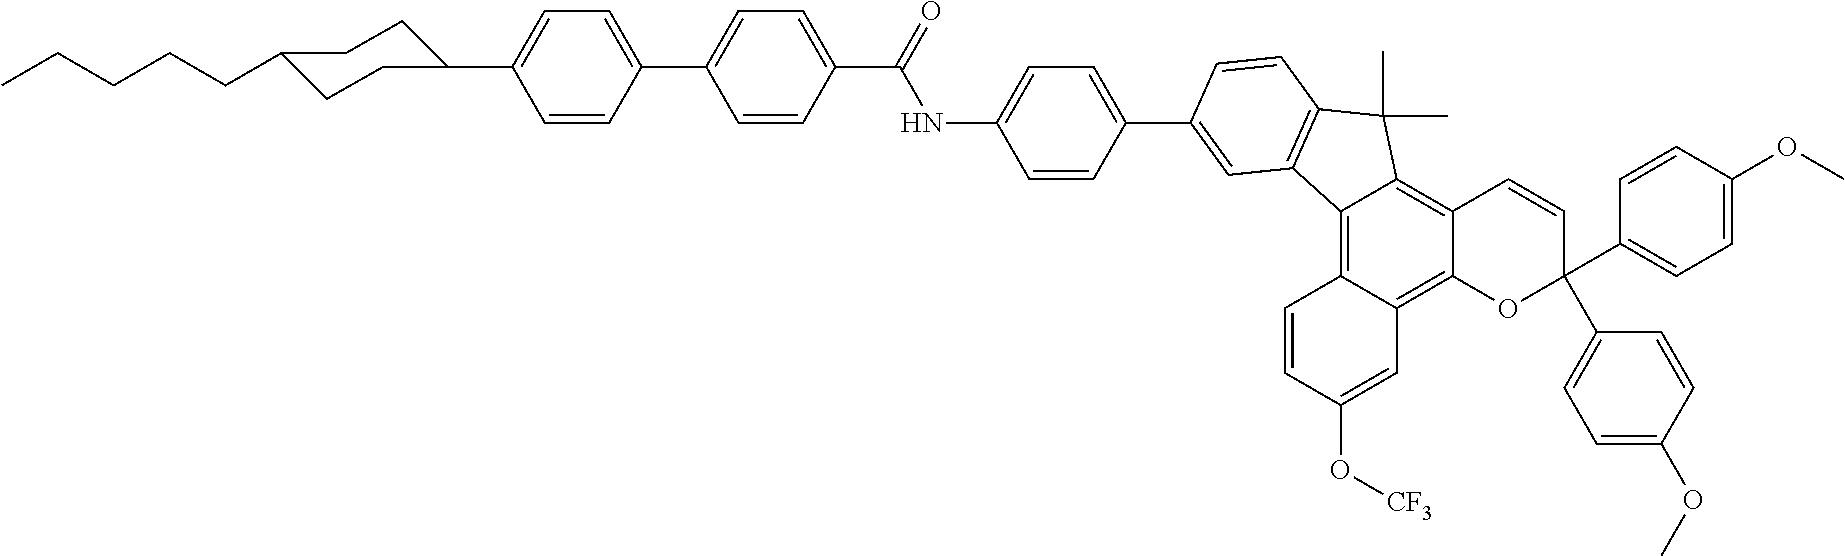 Figure US08545984-20131001-C00025